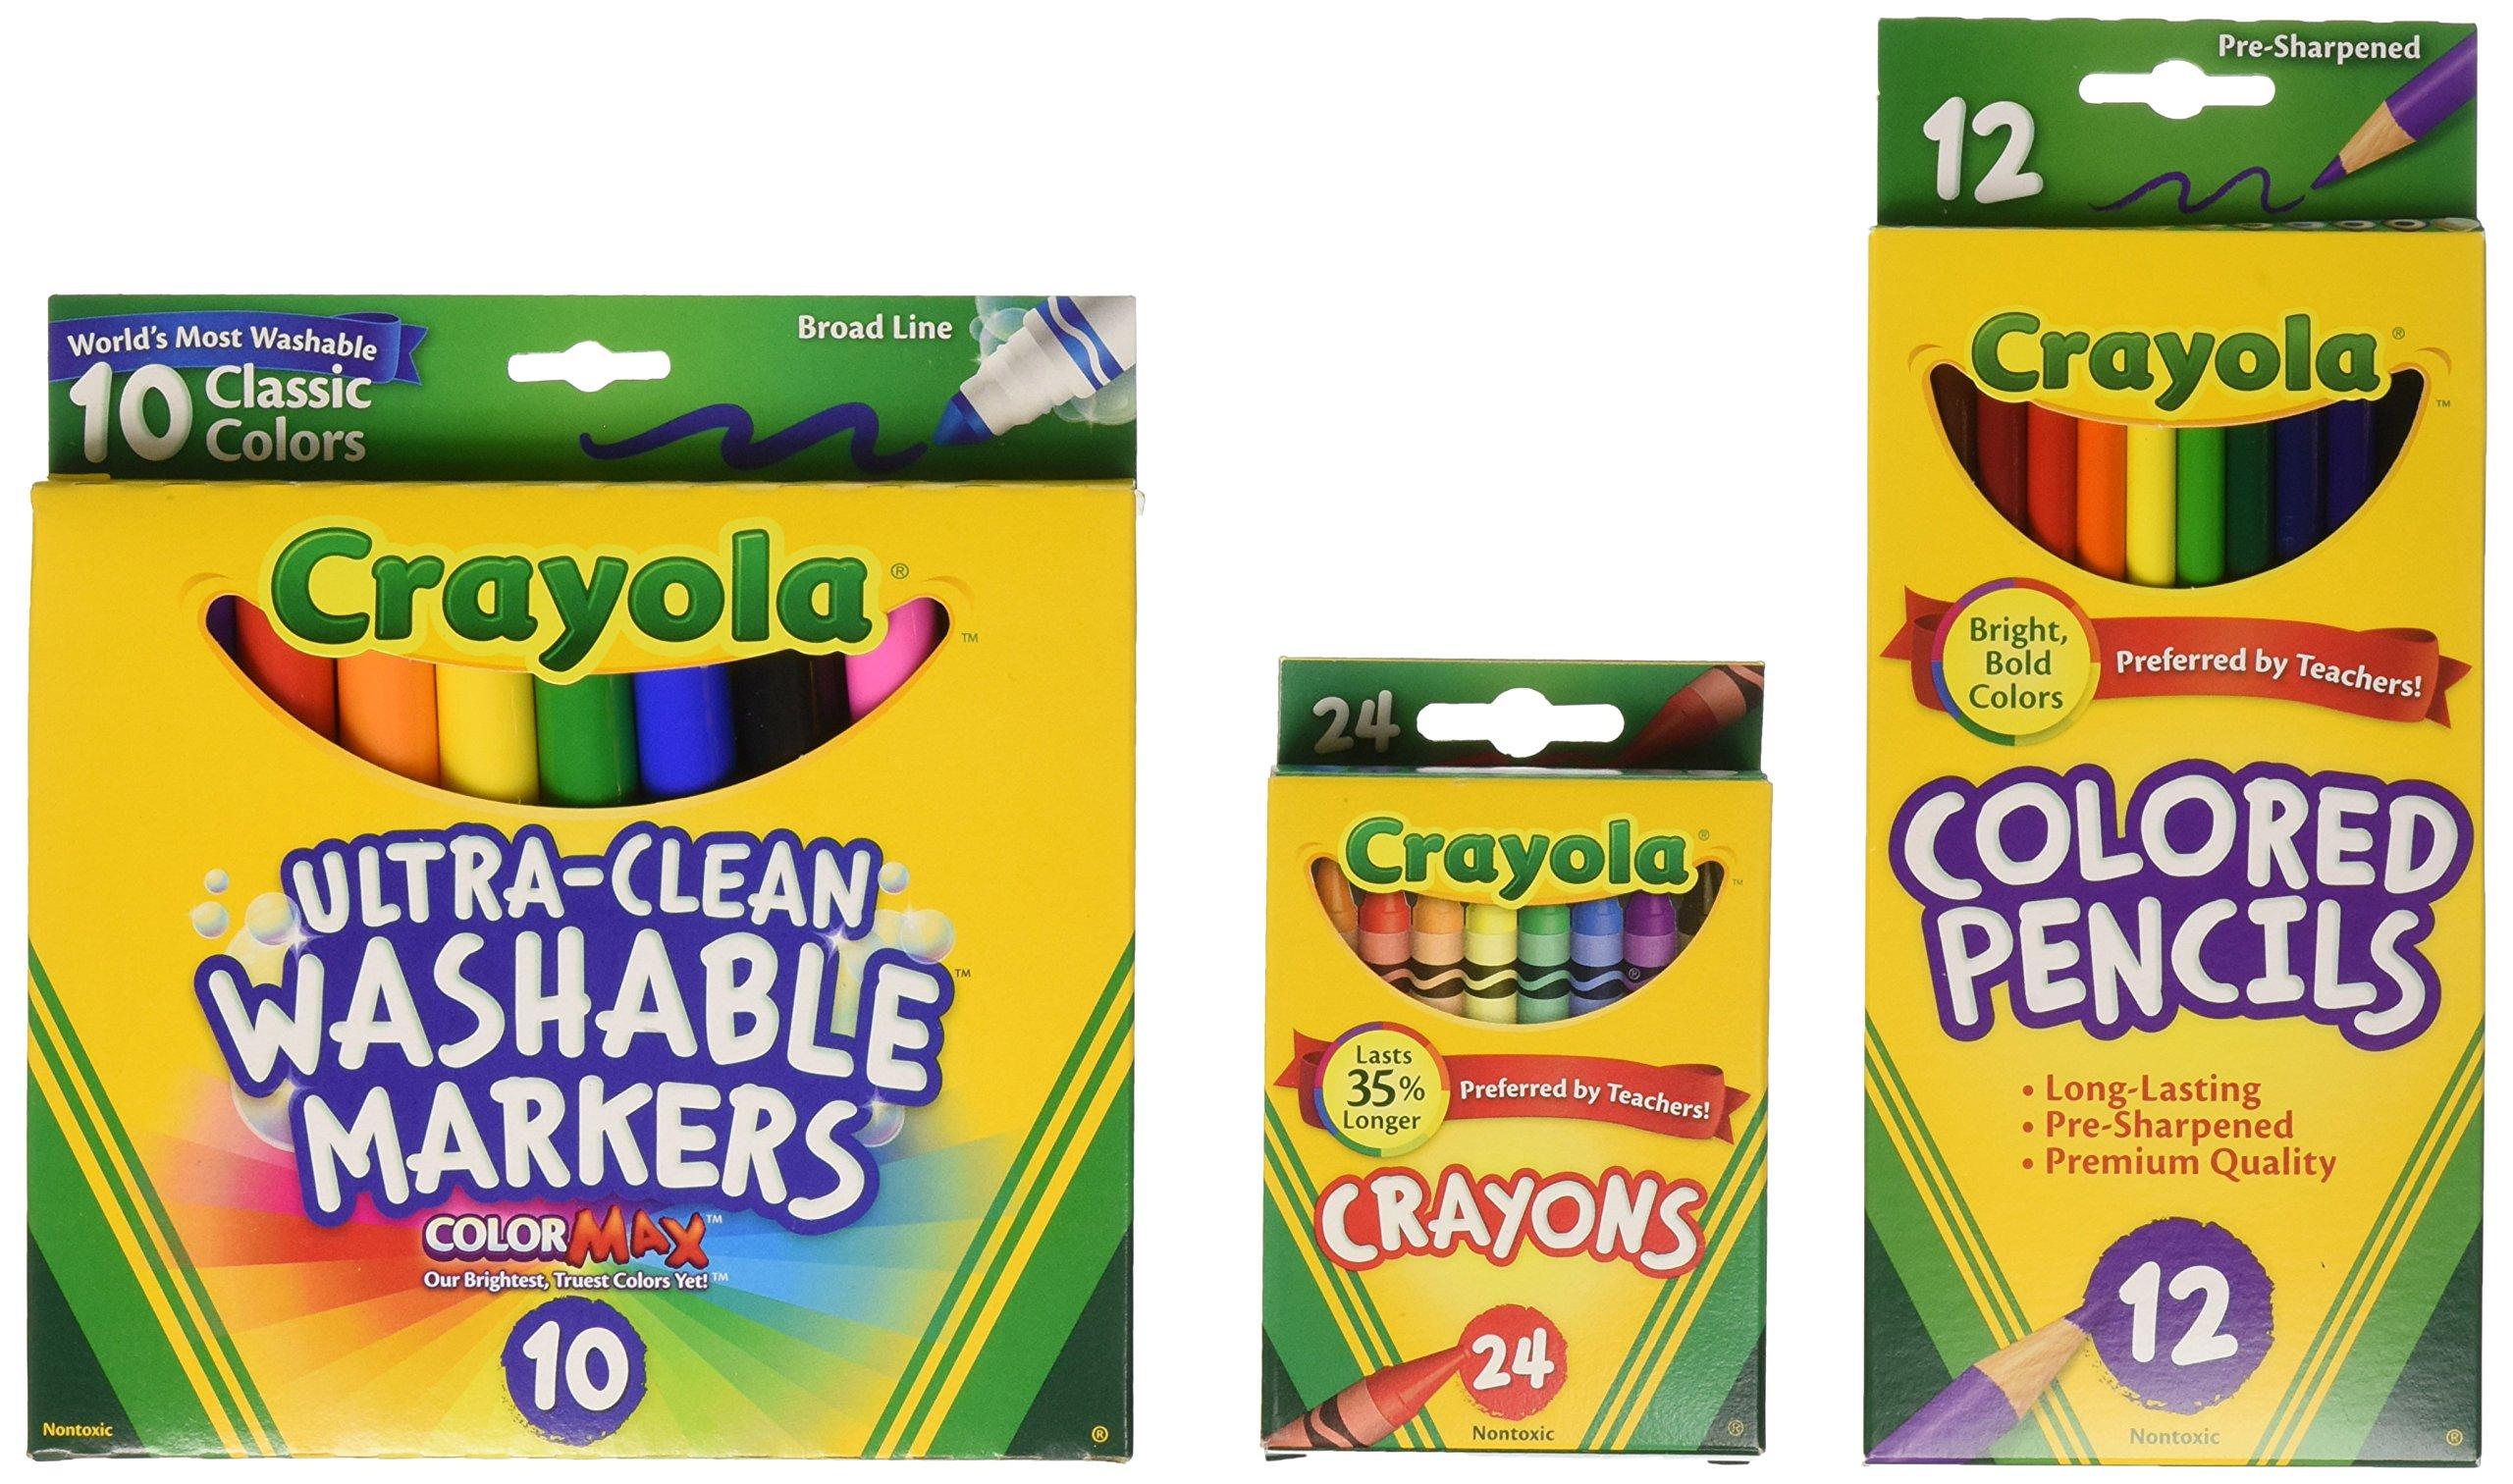 Crayola Back To School Supplies, Grades 3-5, Ages 7, 8, 9, 10 (Amazon Exclusive) by Crayola